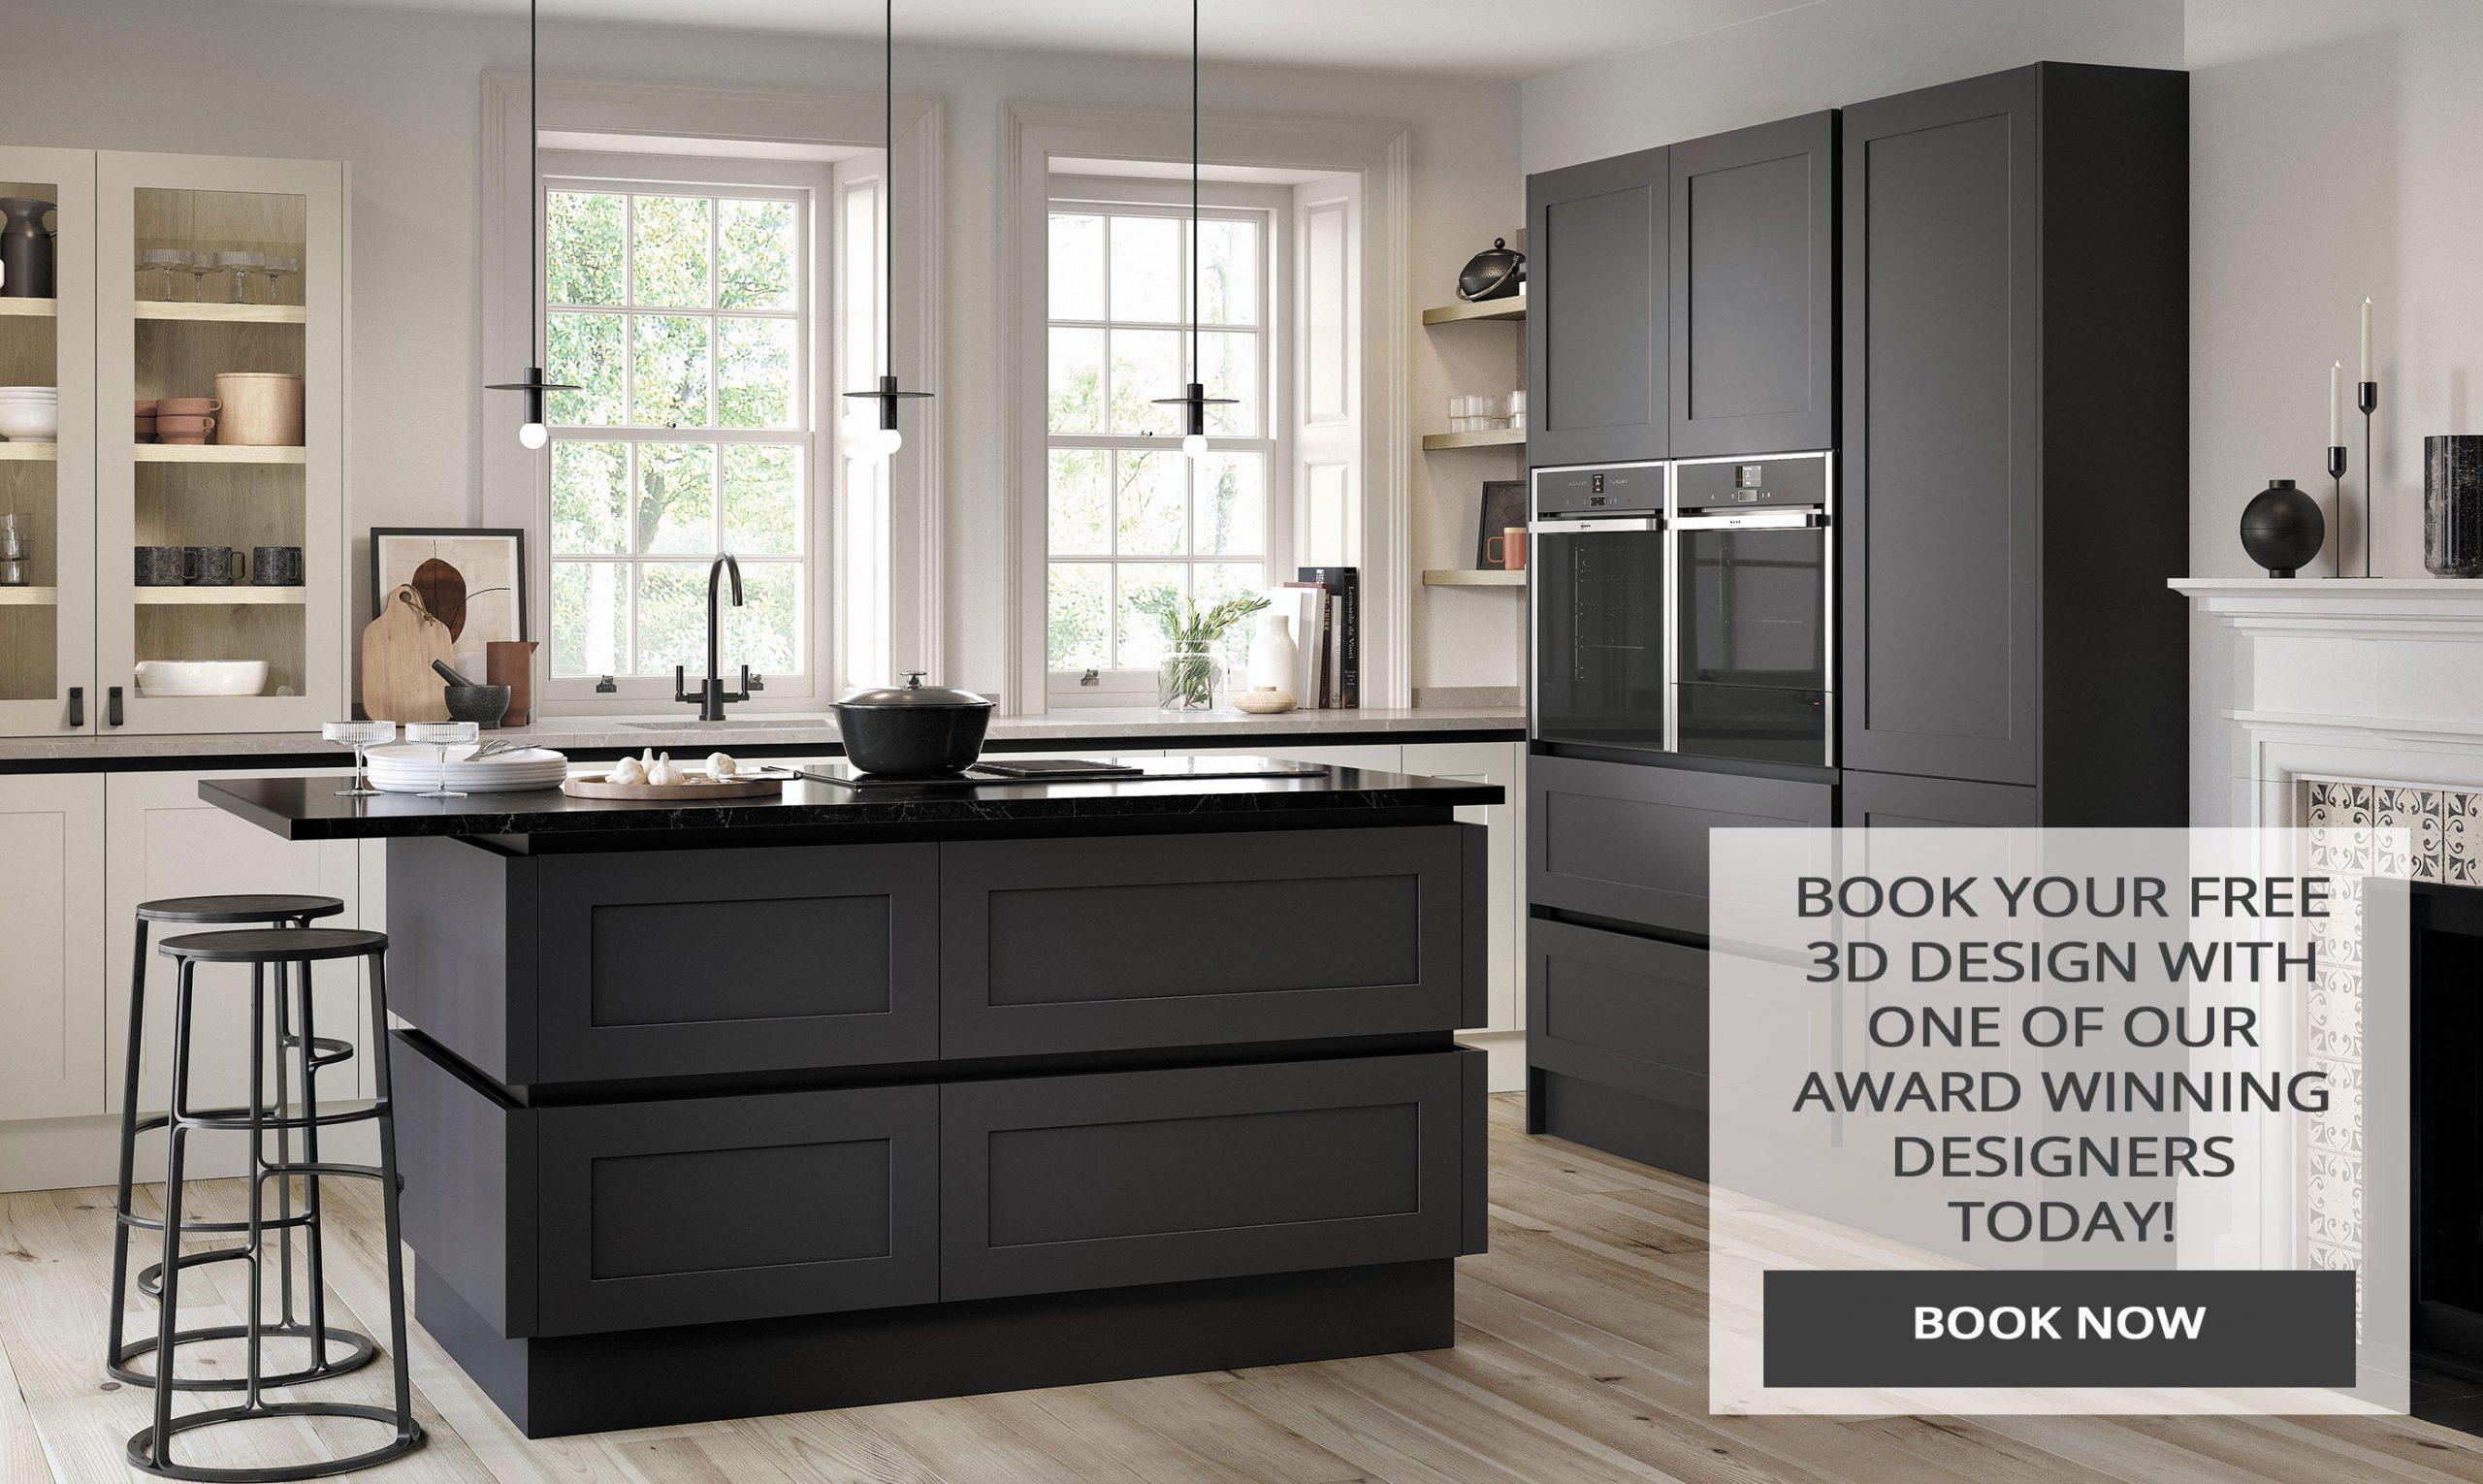 Book a free 3D kitchen design